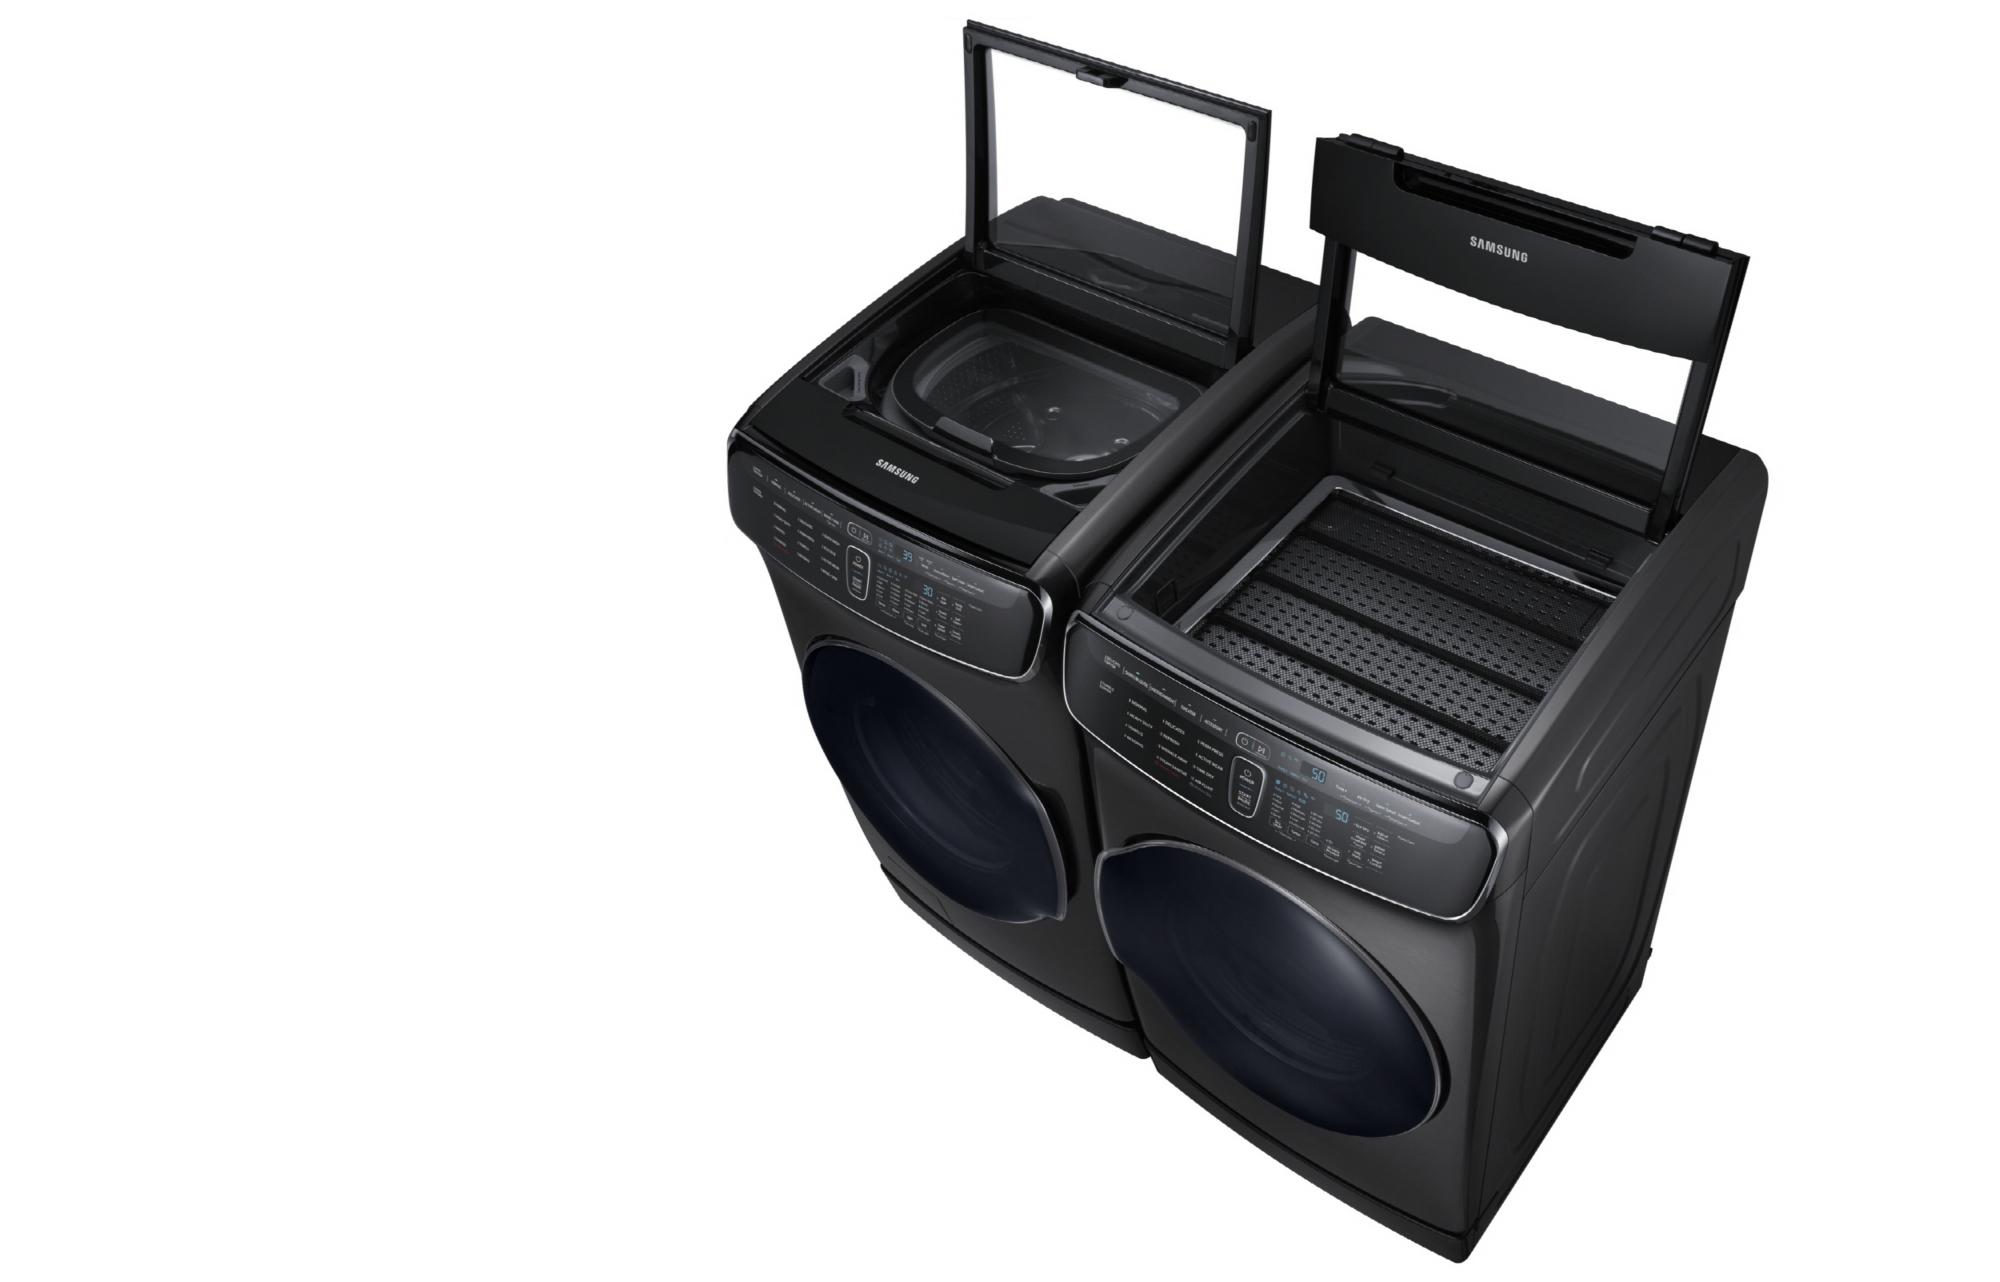 Samsung flexwash die waschmaschine mit trommel und extrafach